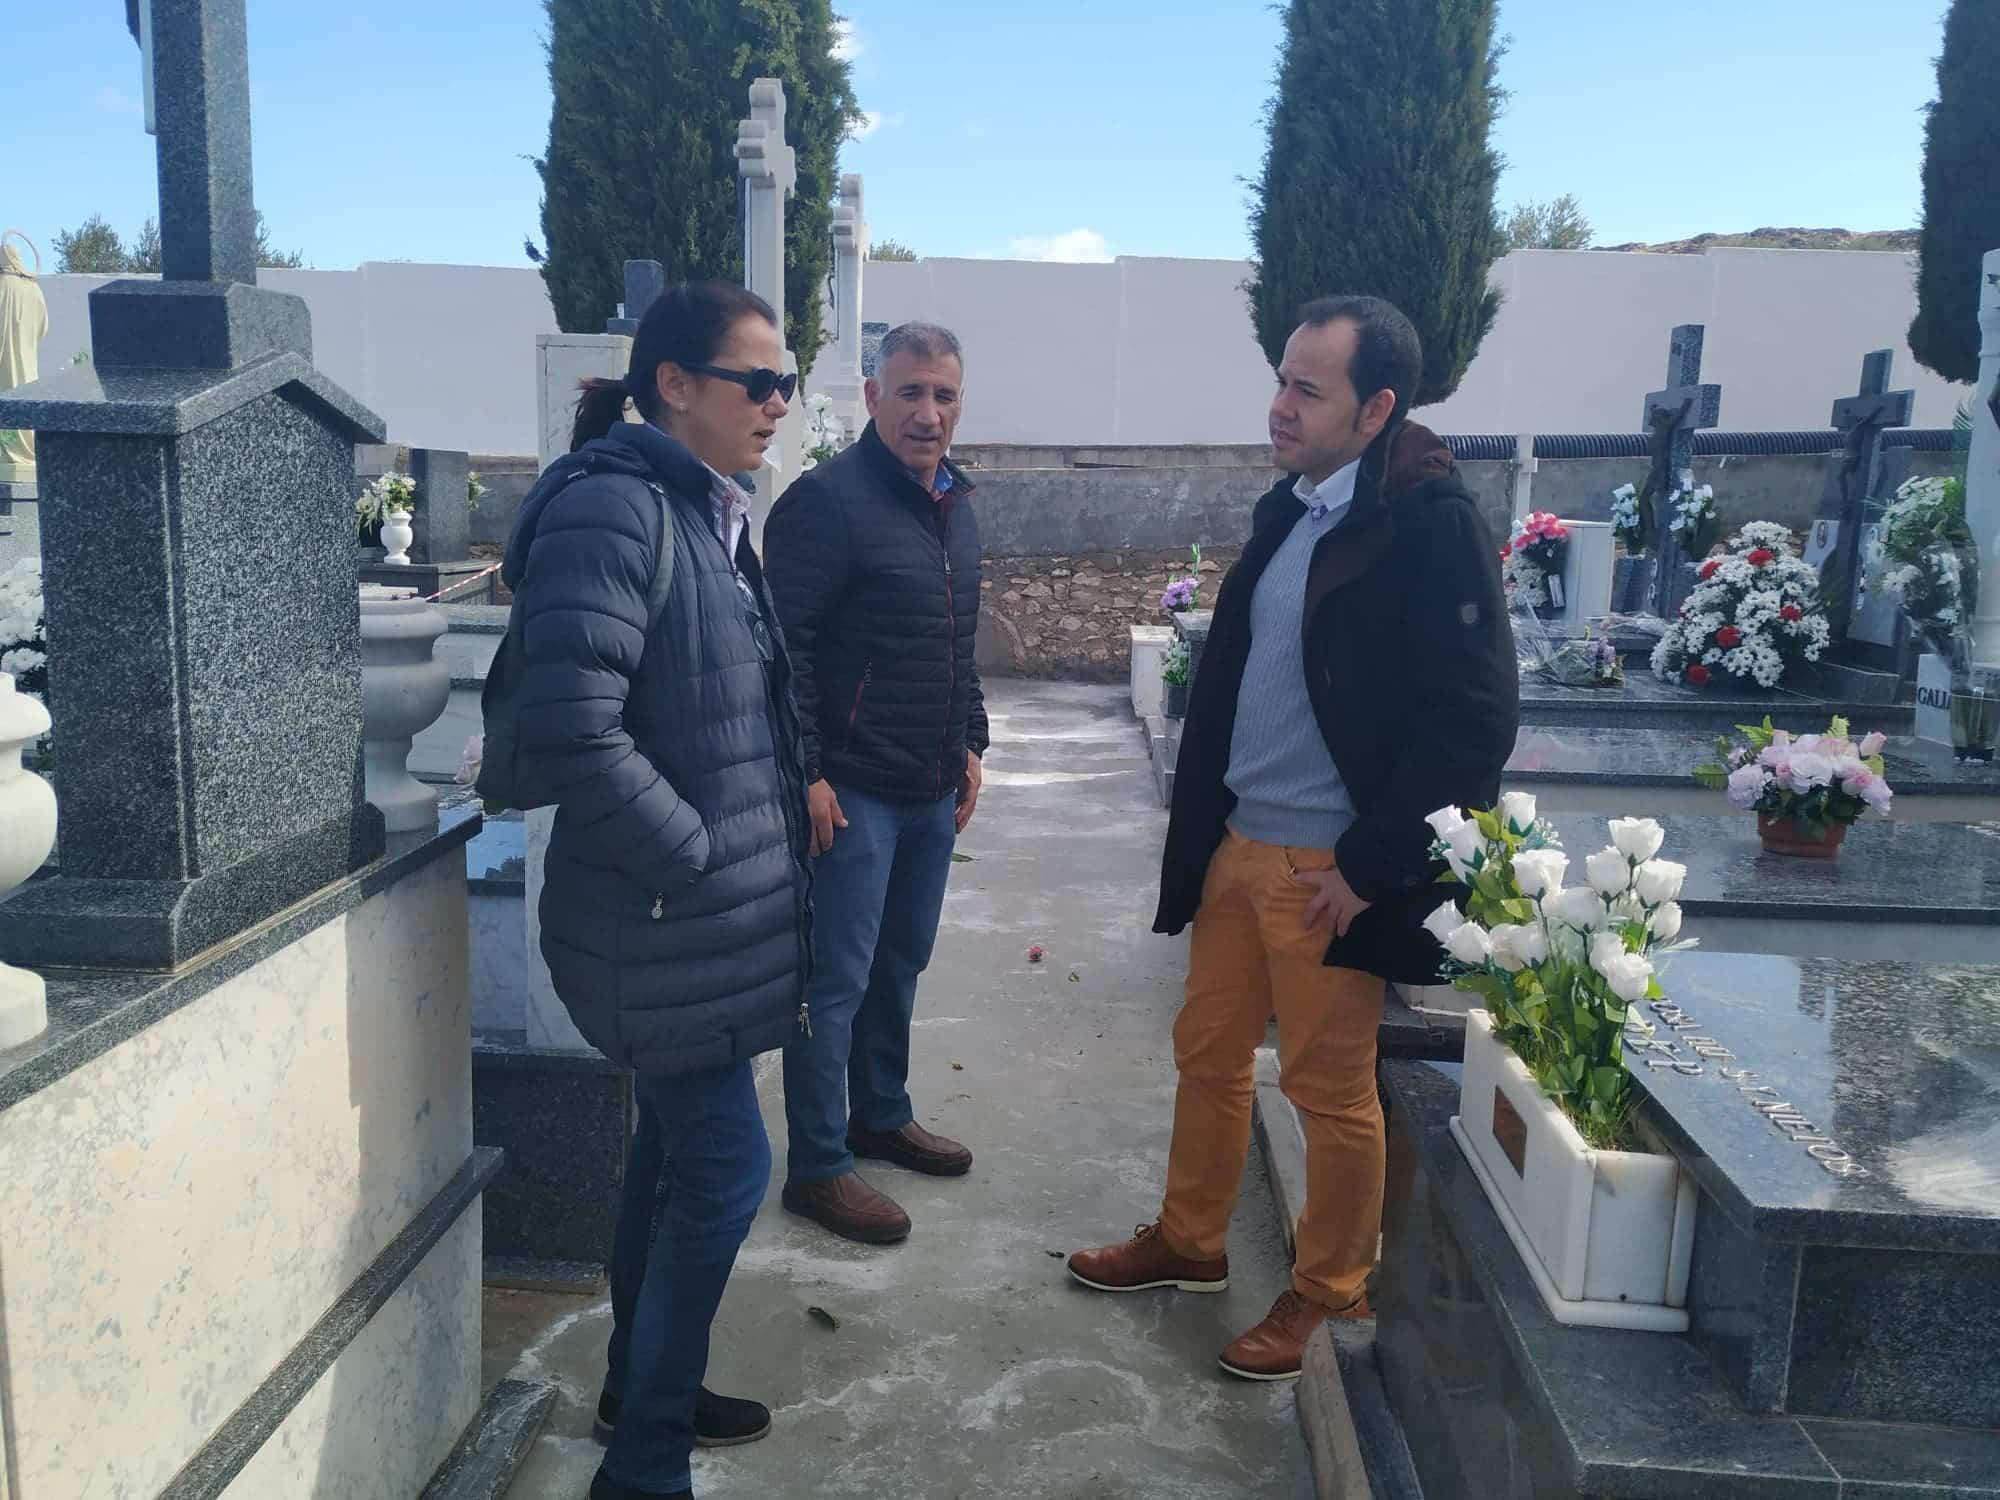 Mejoras pasillos cementerio herencia 2 - Comienza la primera fase de obras de mejora en el Cementerio Municipal